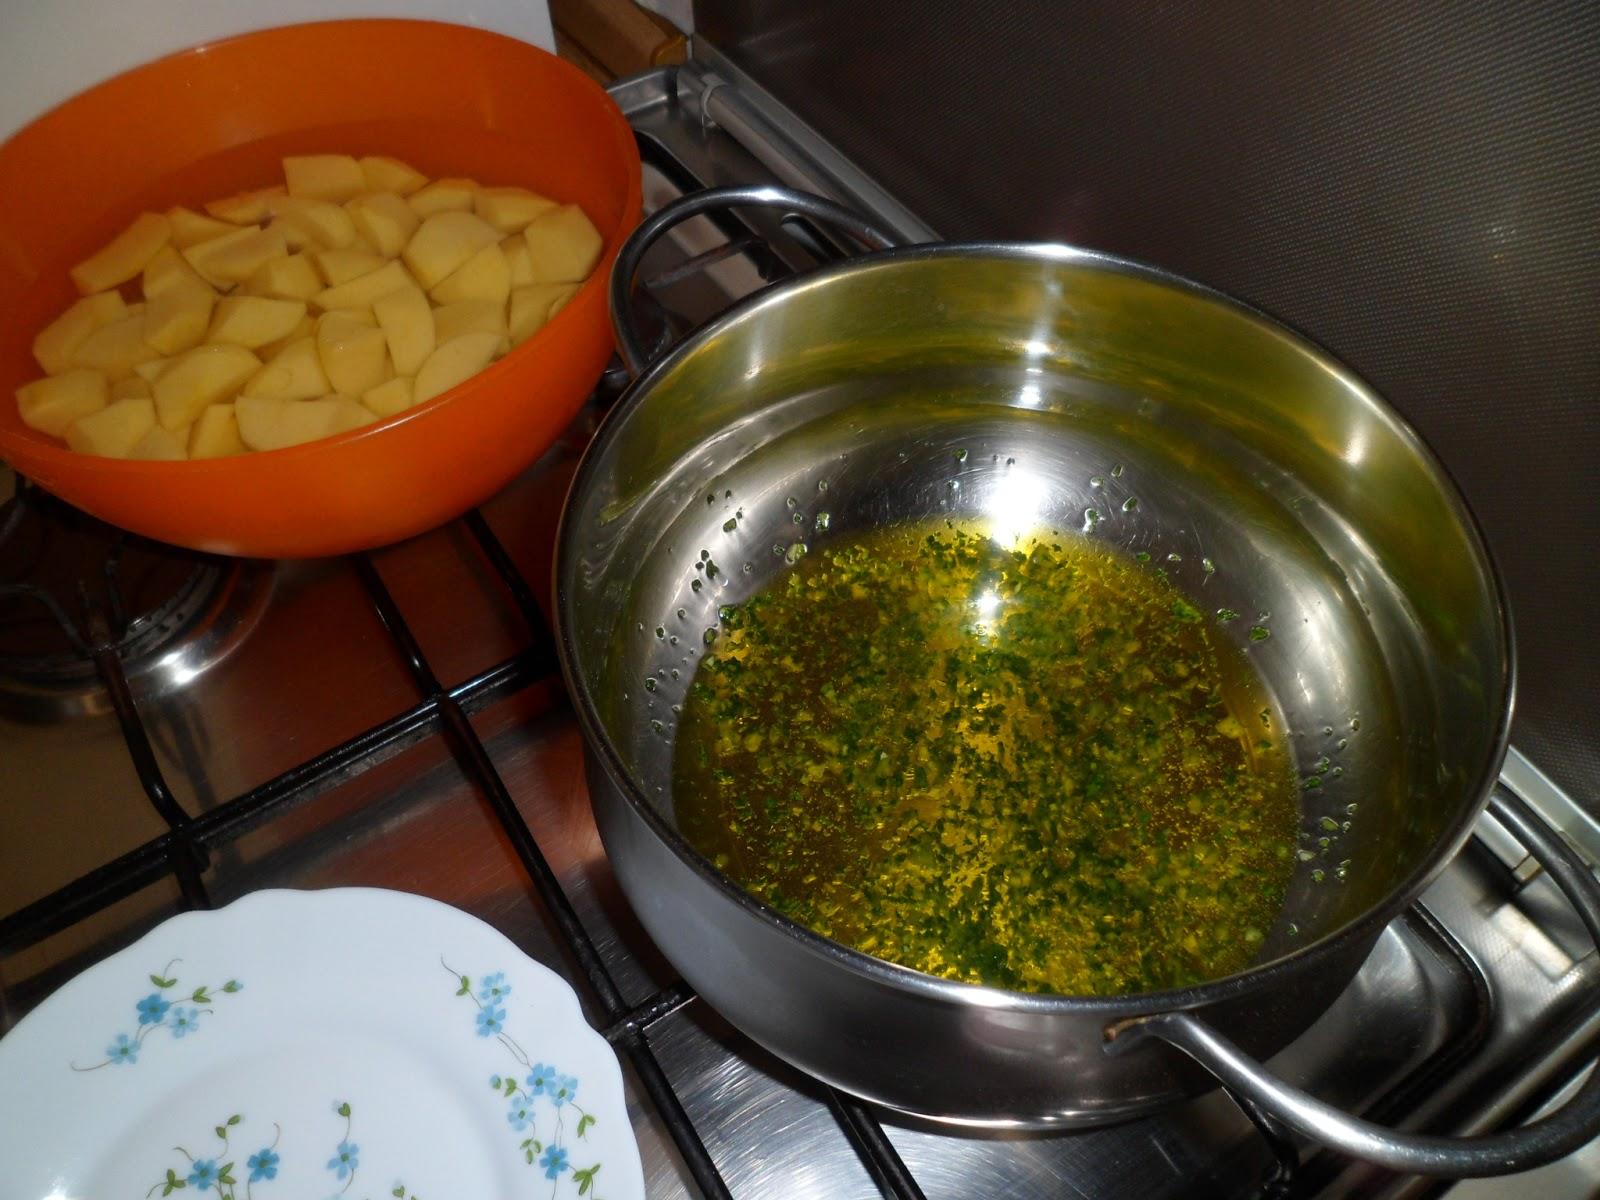 Le mie ricette e i miei consigli ho un 39 aiuto in cucina - Invasione di formiche in cucina ...